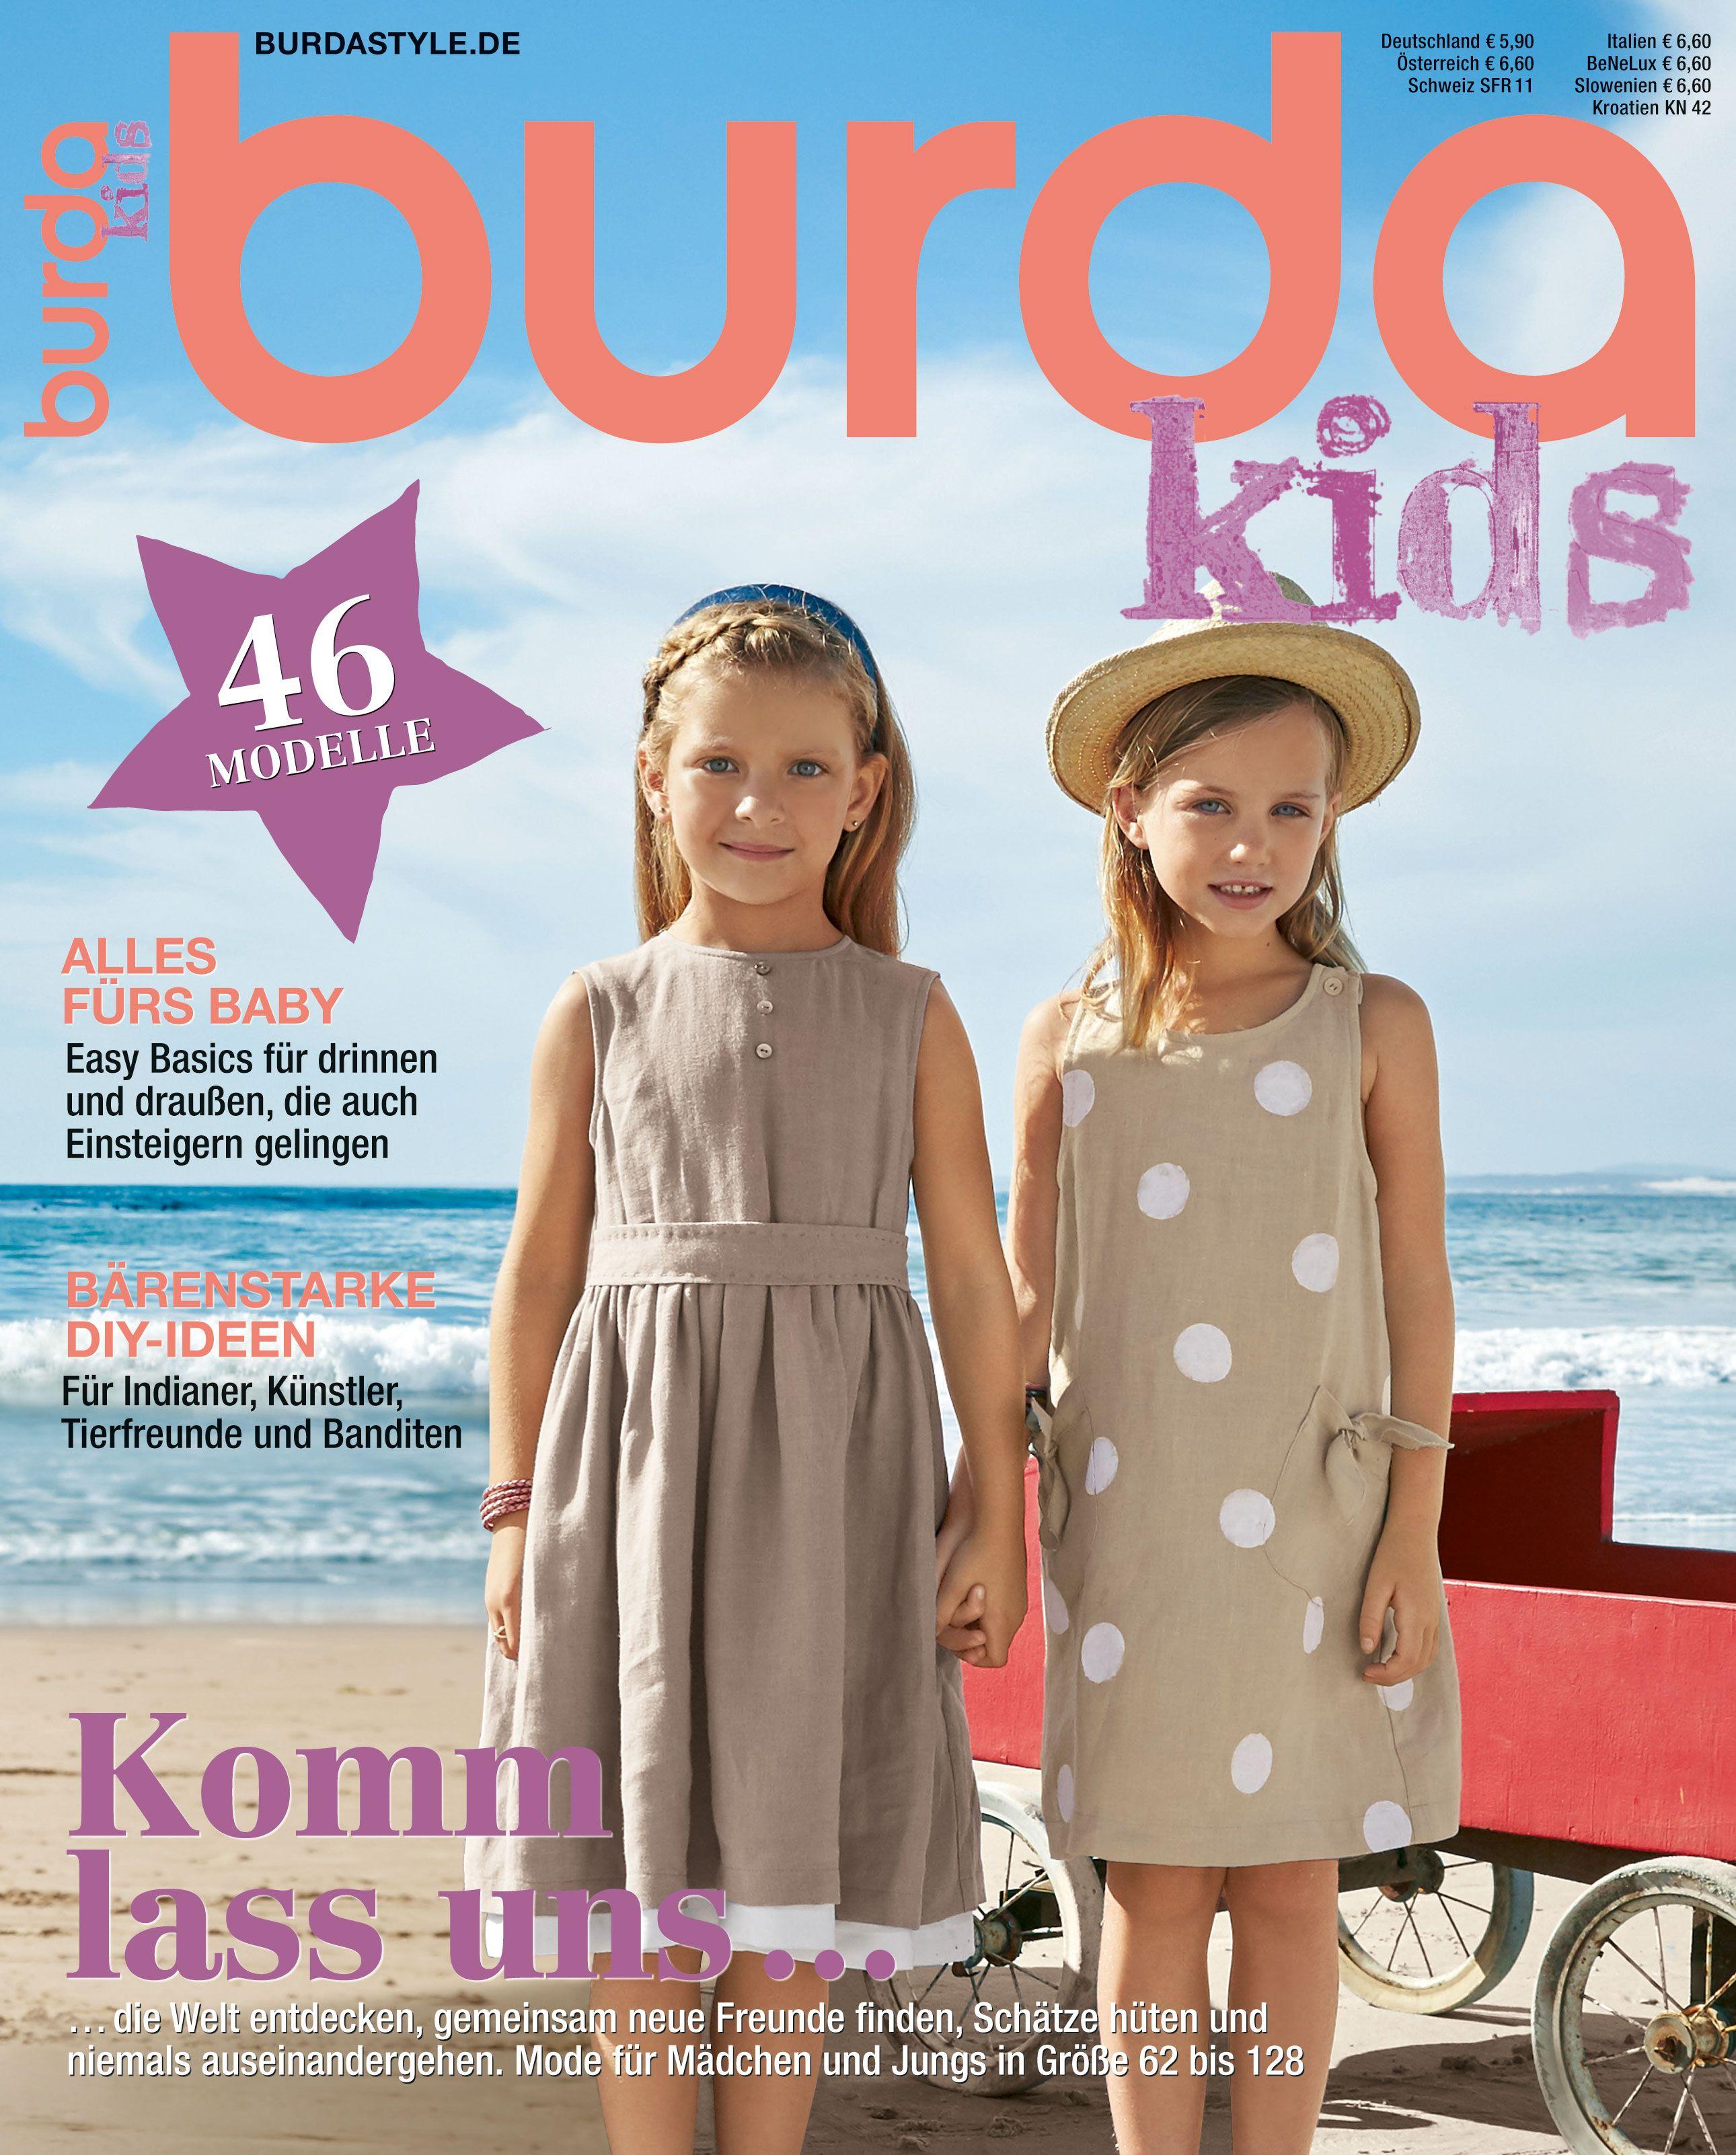 burda kids F/S 2016 - Mode für Mädchen und Jungs in Größe 62 bis 128 ...